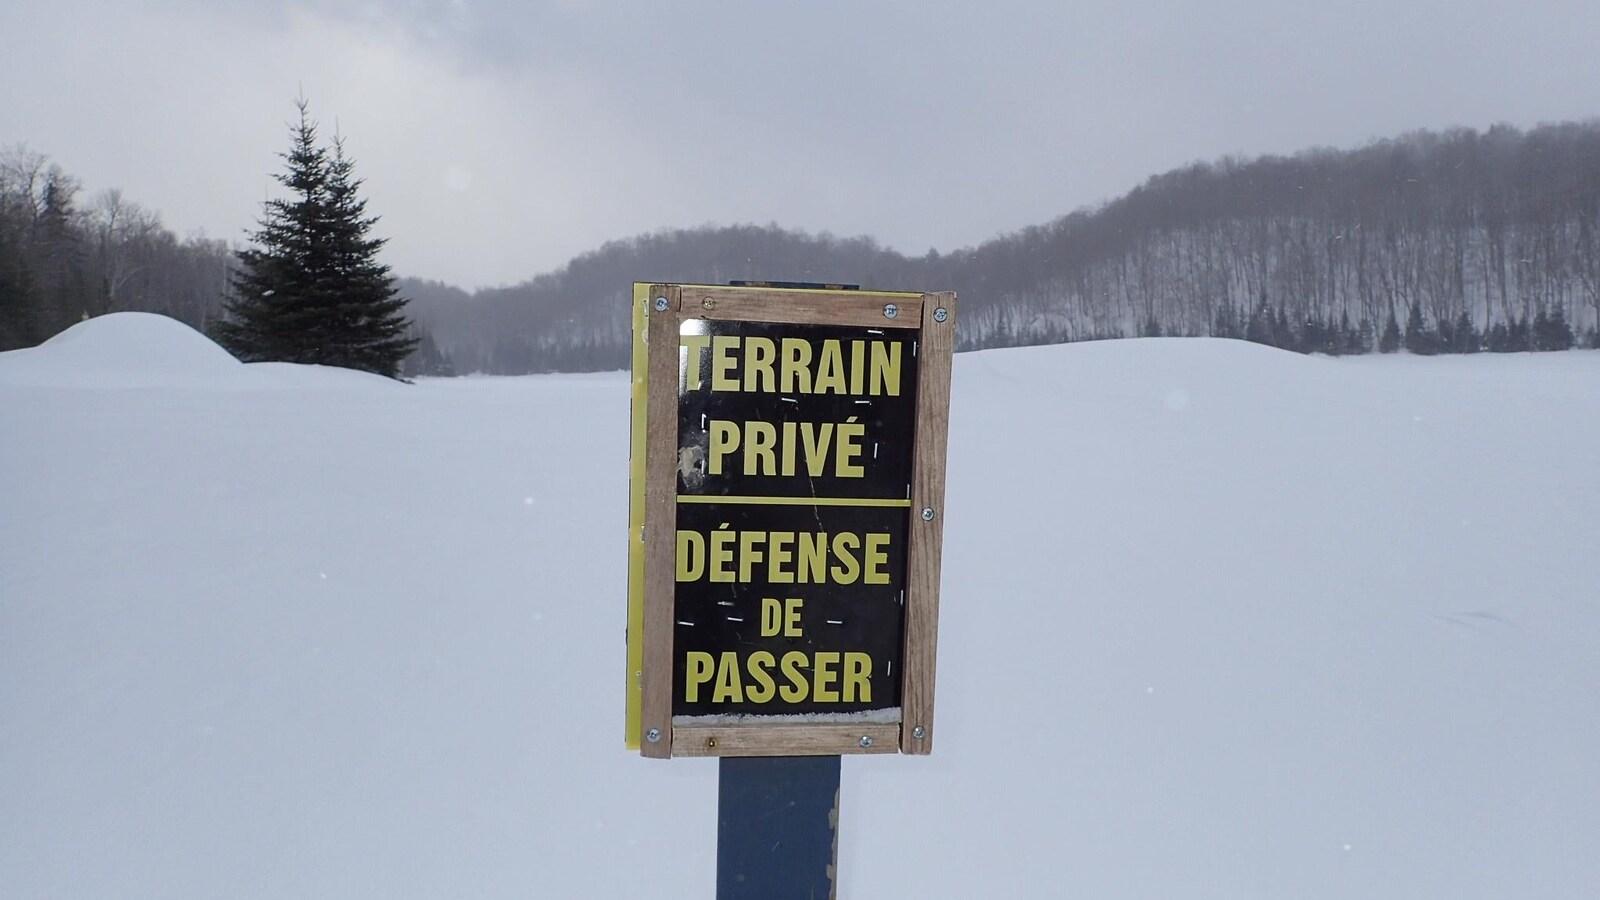 La Ville souhaite acheter la montagne pour préserver l'accès aux sentiers pour les générations futures. Sur la photo un panneau sur lequel est écrit: «Terrain privé, défense de passer» est planté devant le mont Loup-Garou.